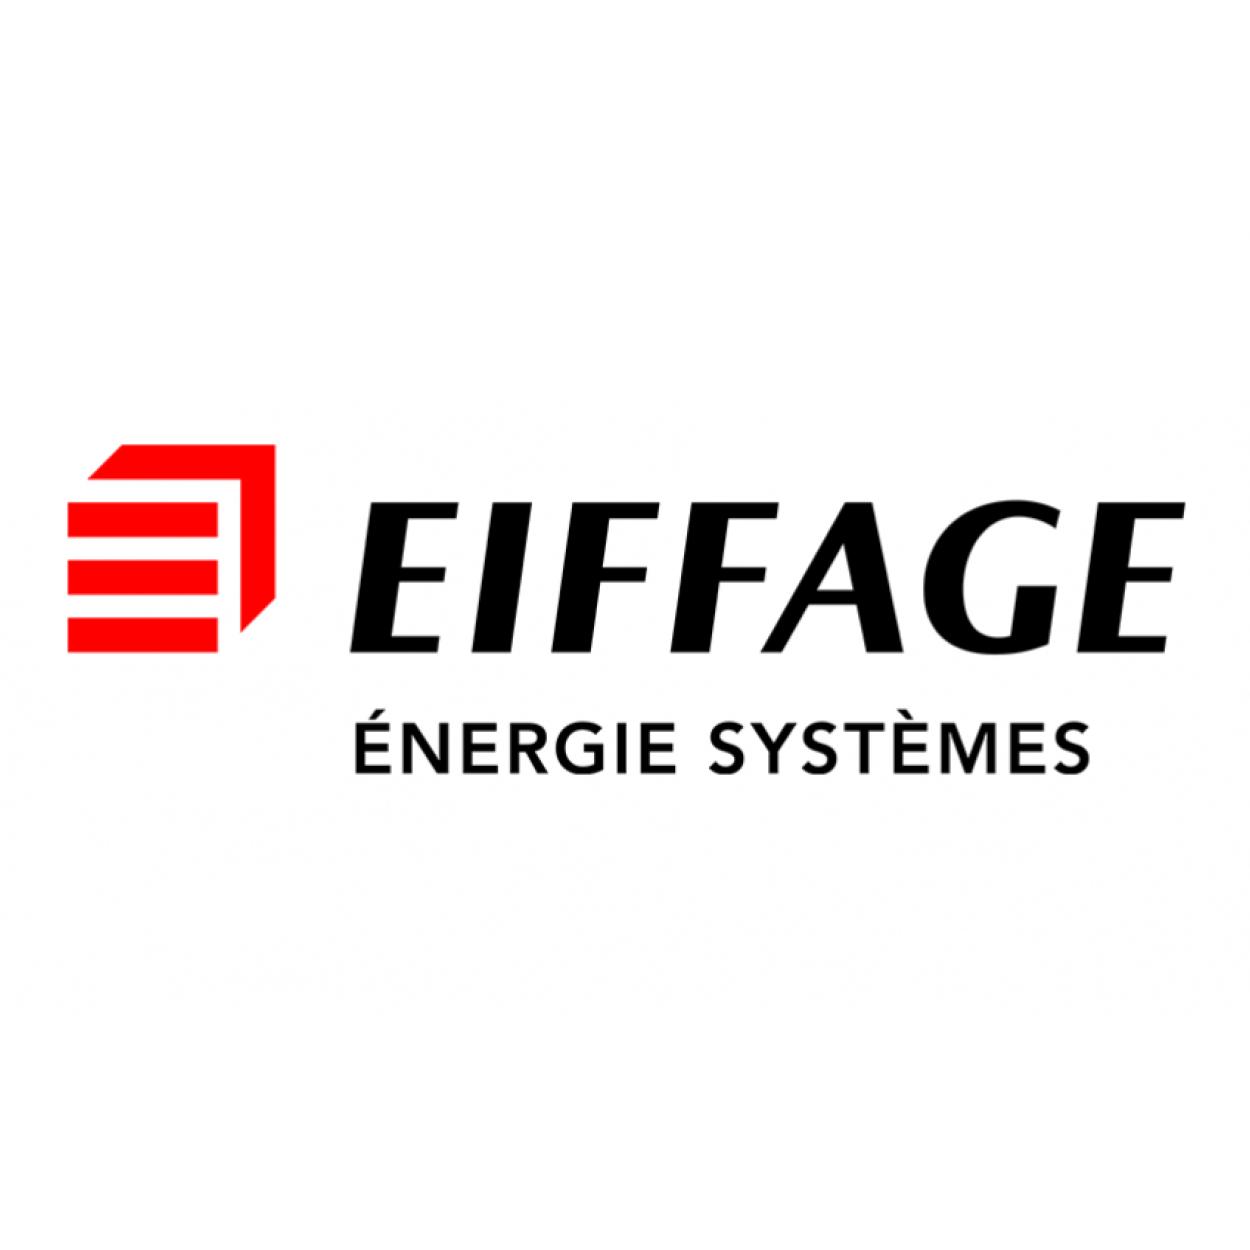 EIFFAGE